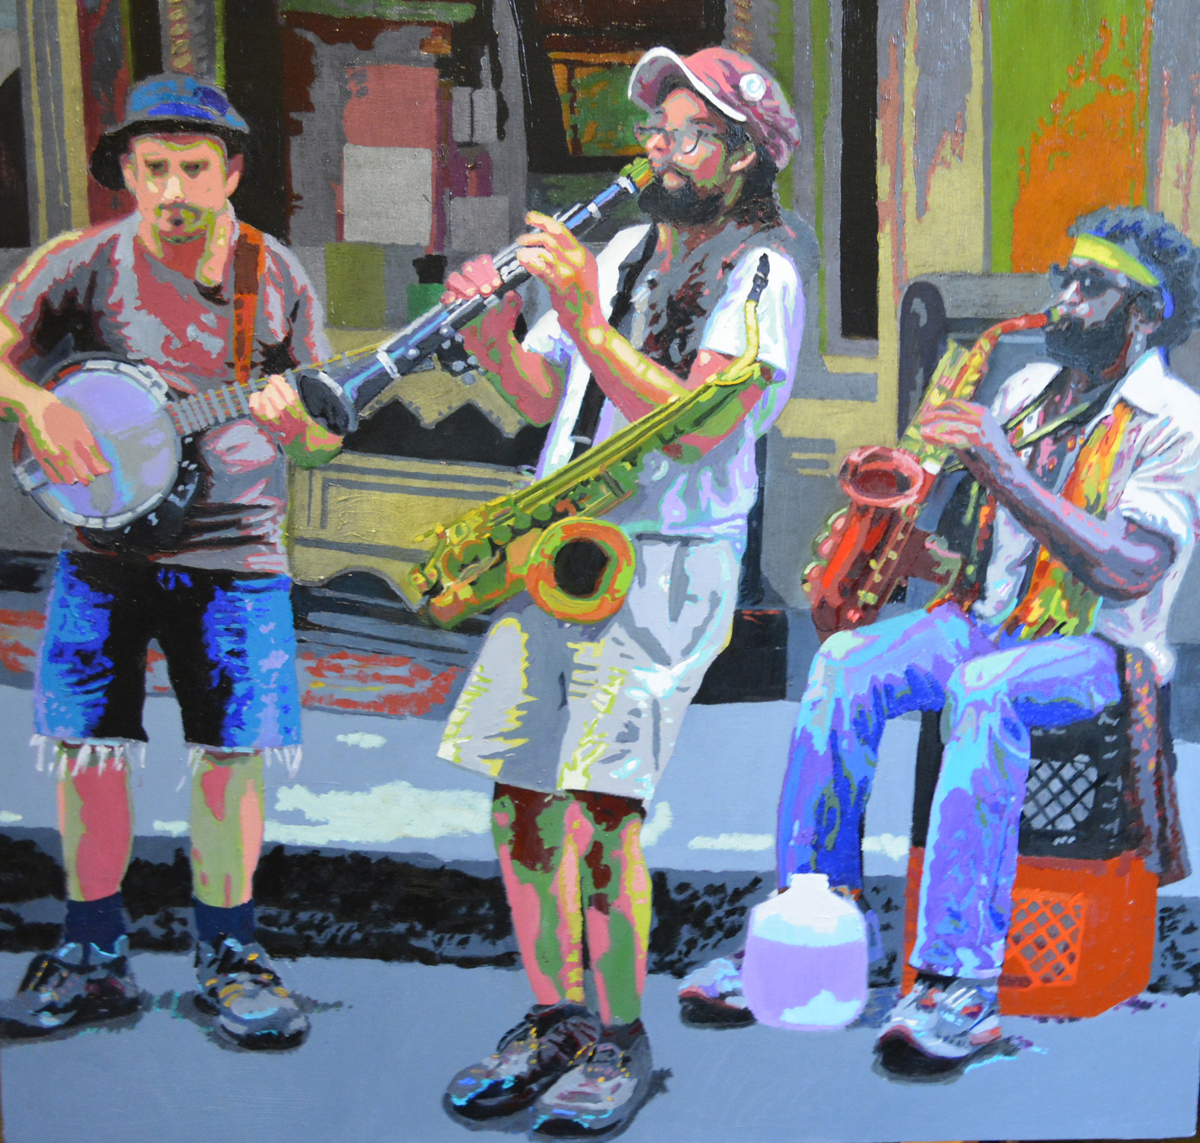 Street Performers II, NOLA (large view)